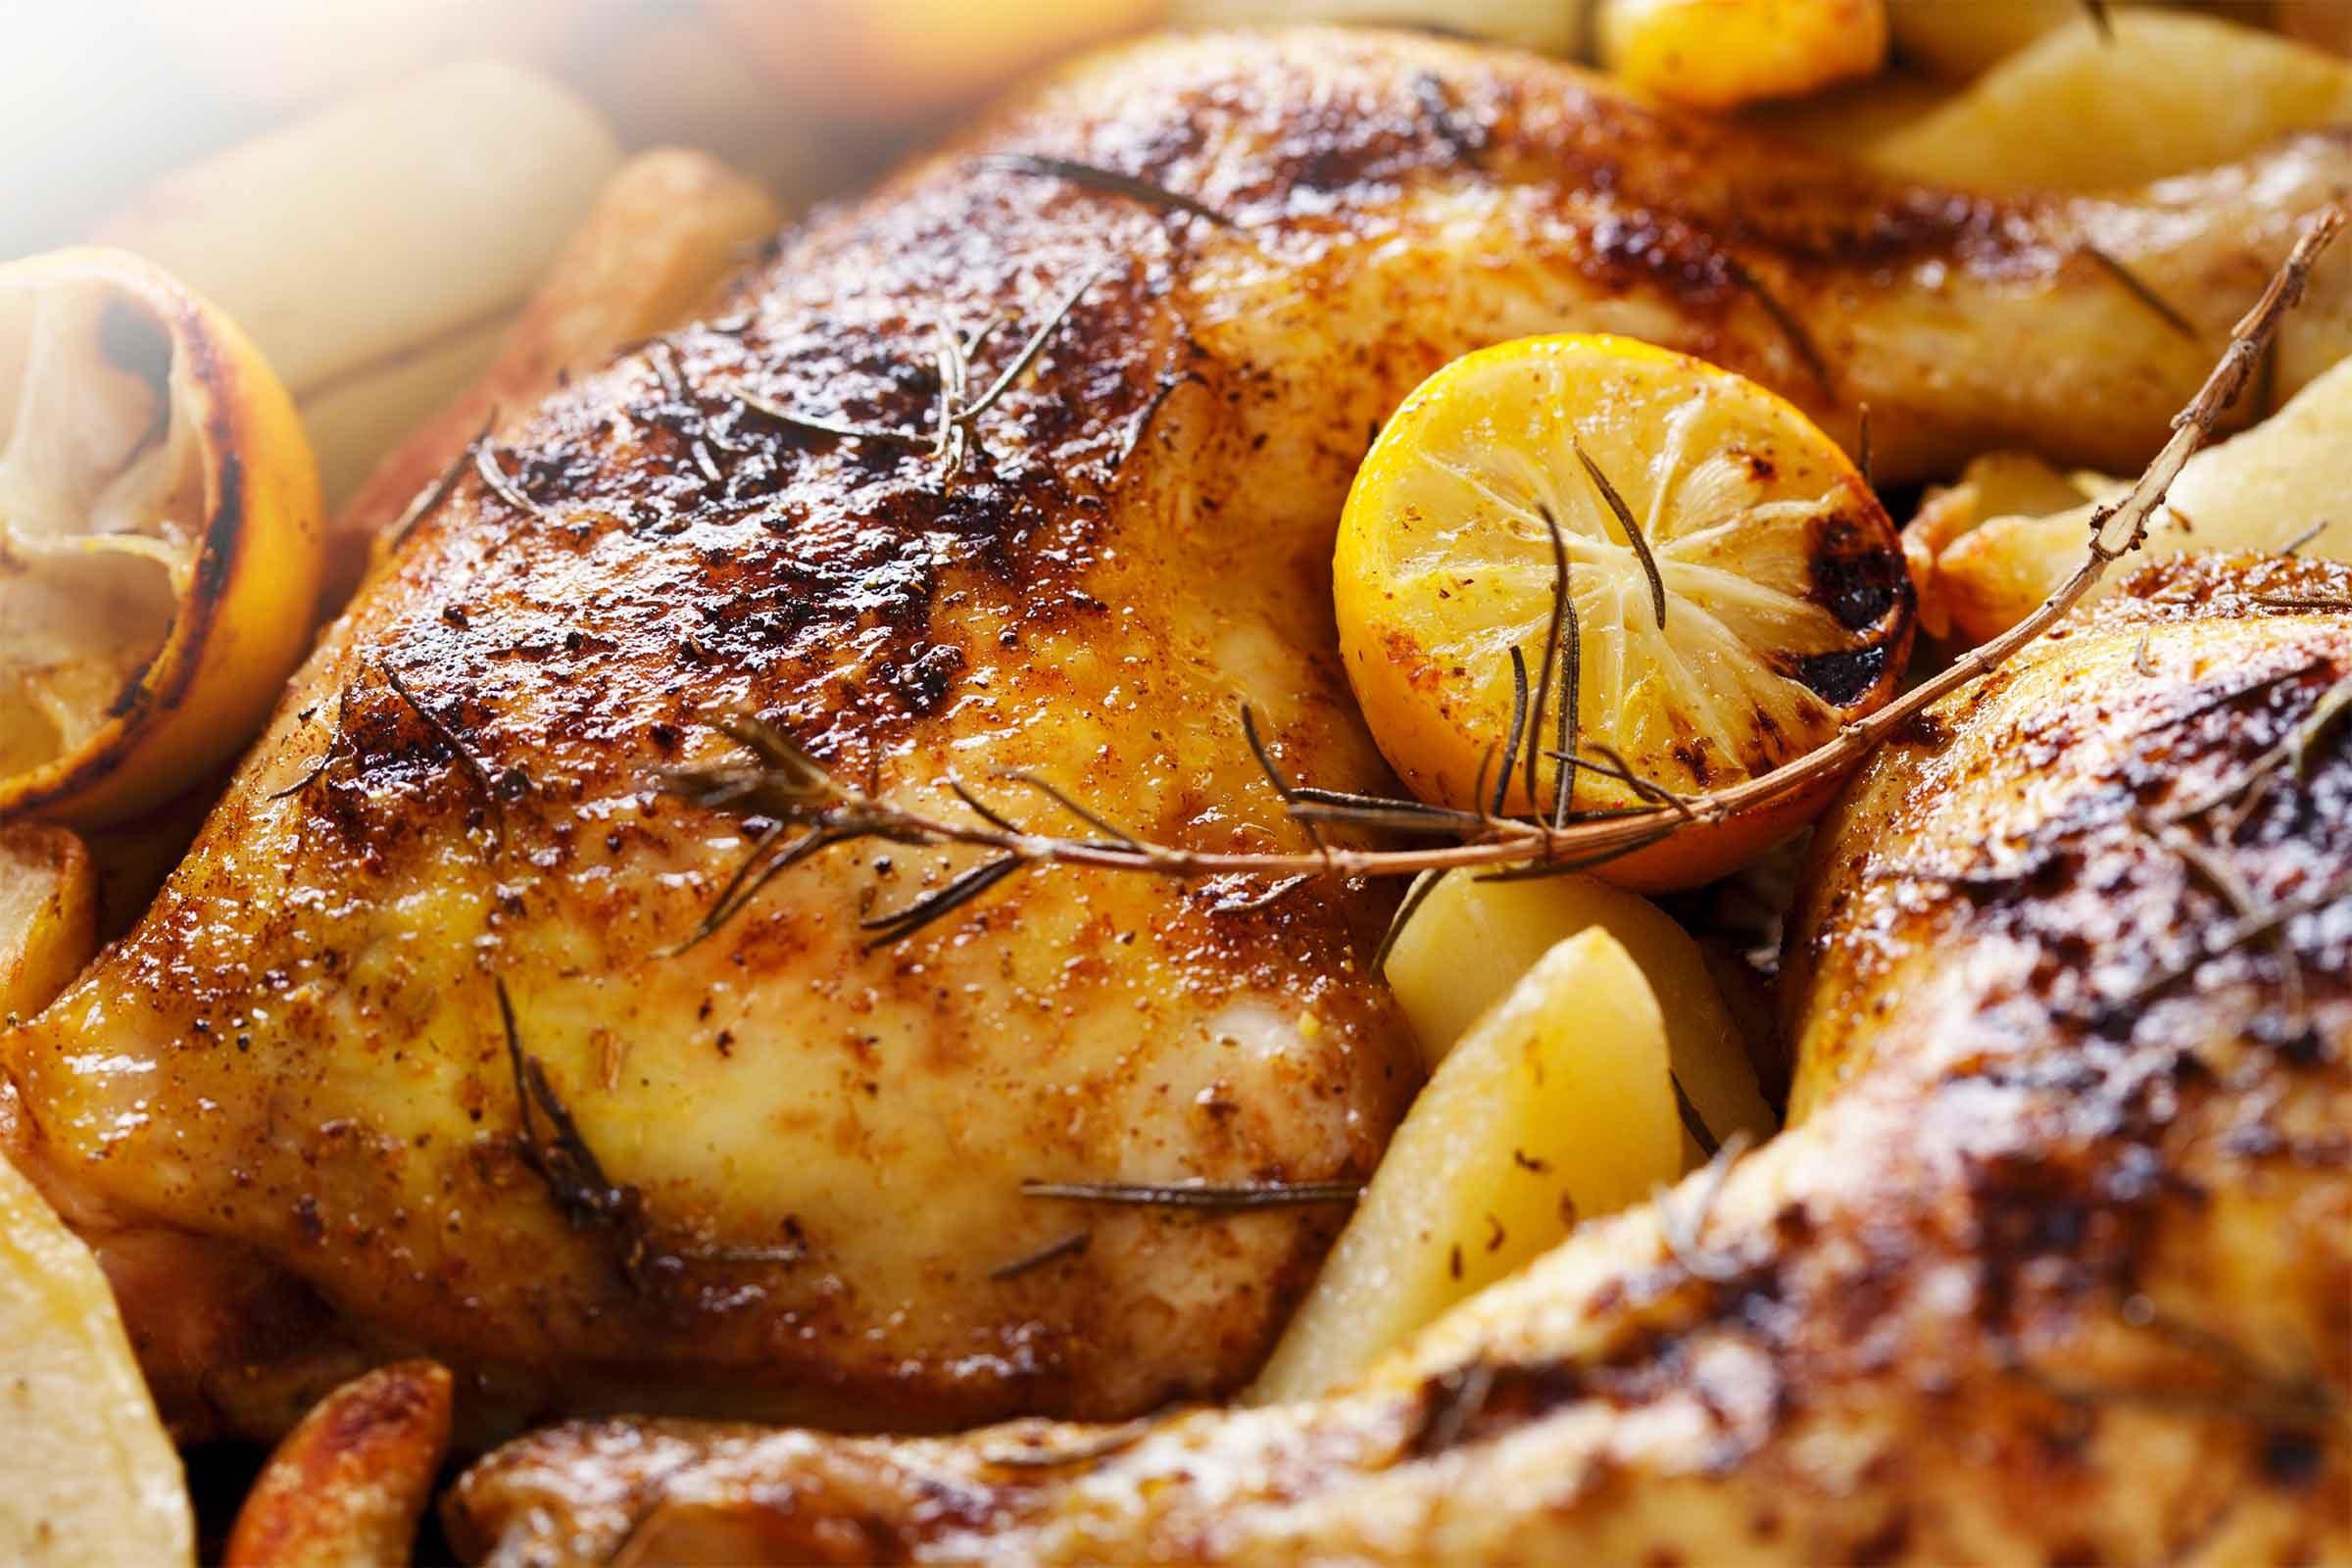 Rôtir un poulet juteux et tendre accompagné de pommes